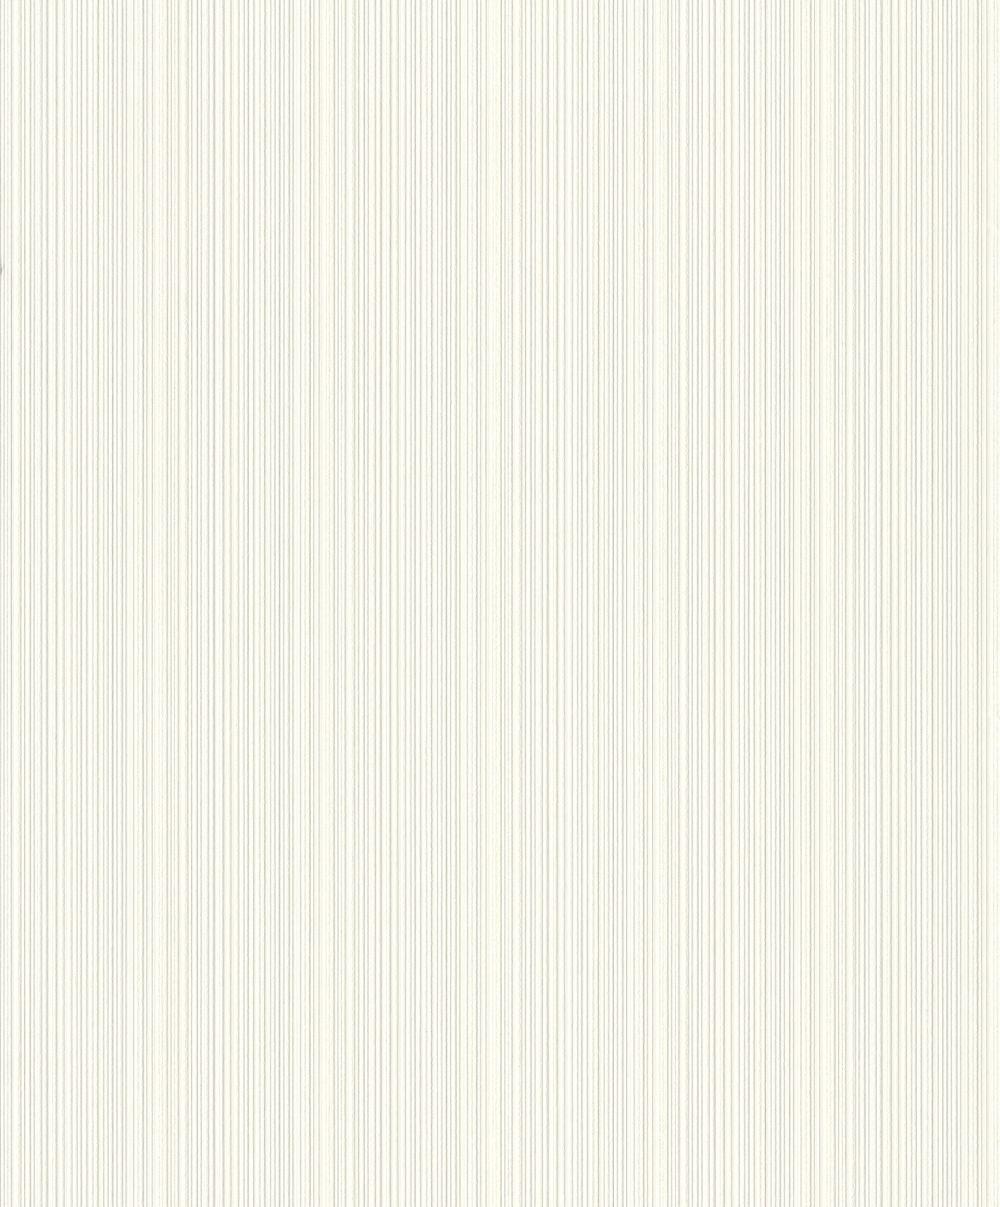 vliestapete rasch linien struktur wei 431919. Black Bedroom Furniture Sets. Home Design Ideas